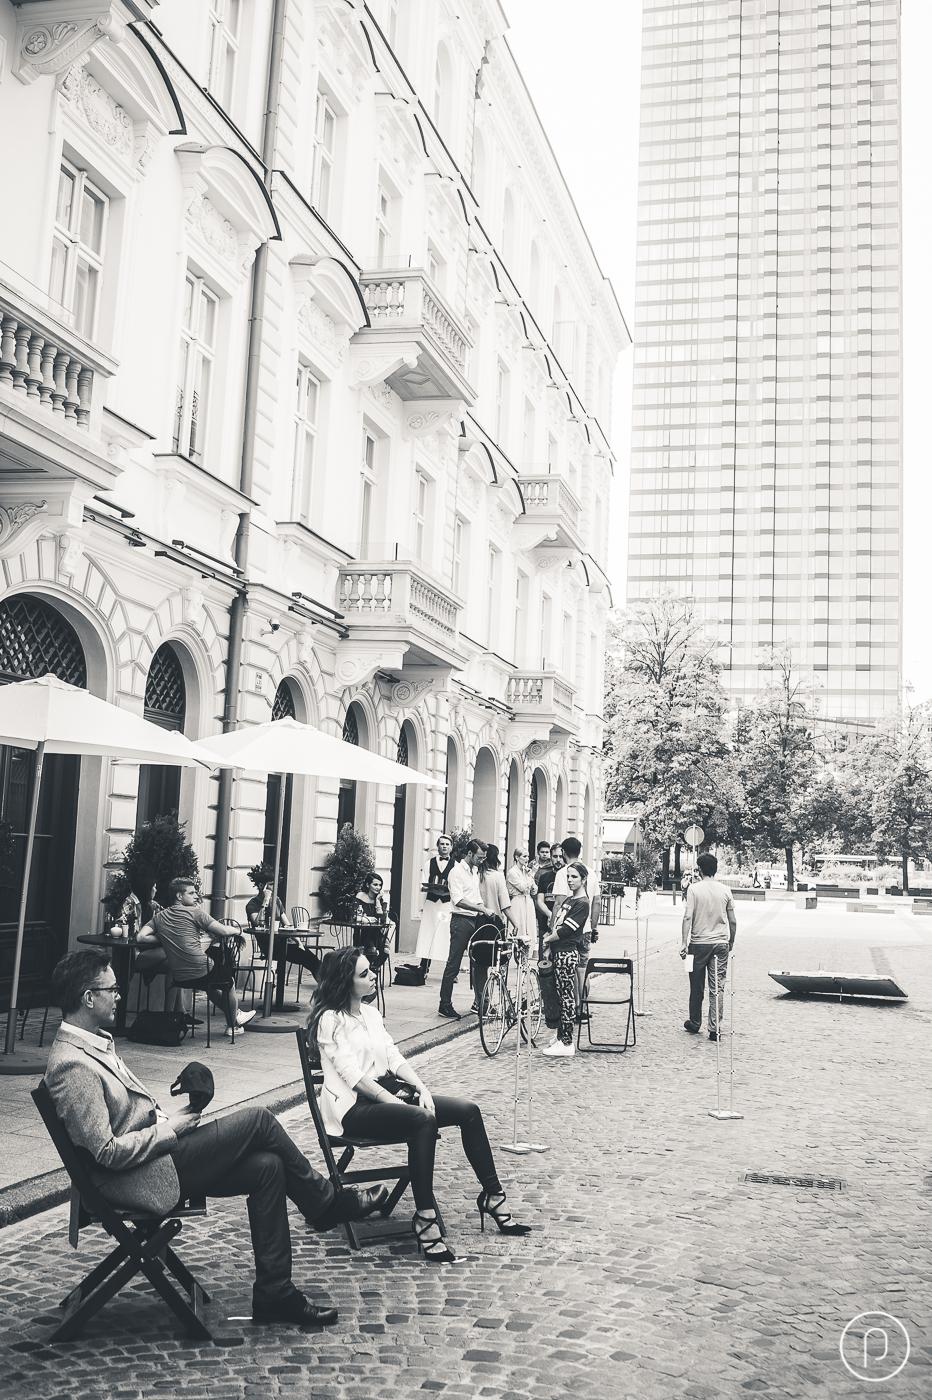 papayafilms_pandora_foto_hryciow-9403